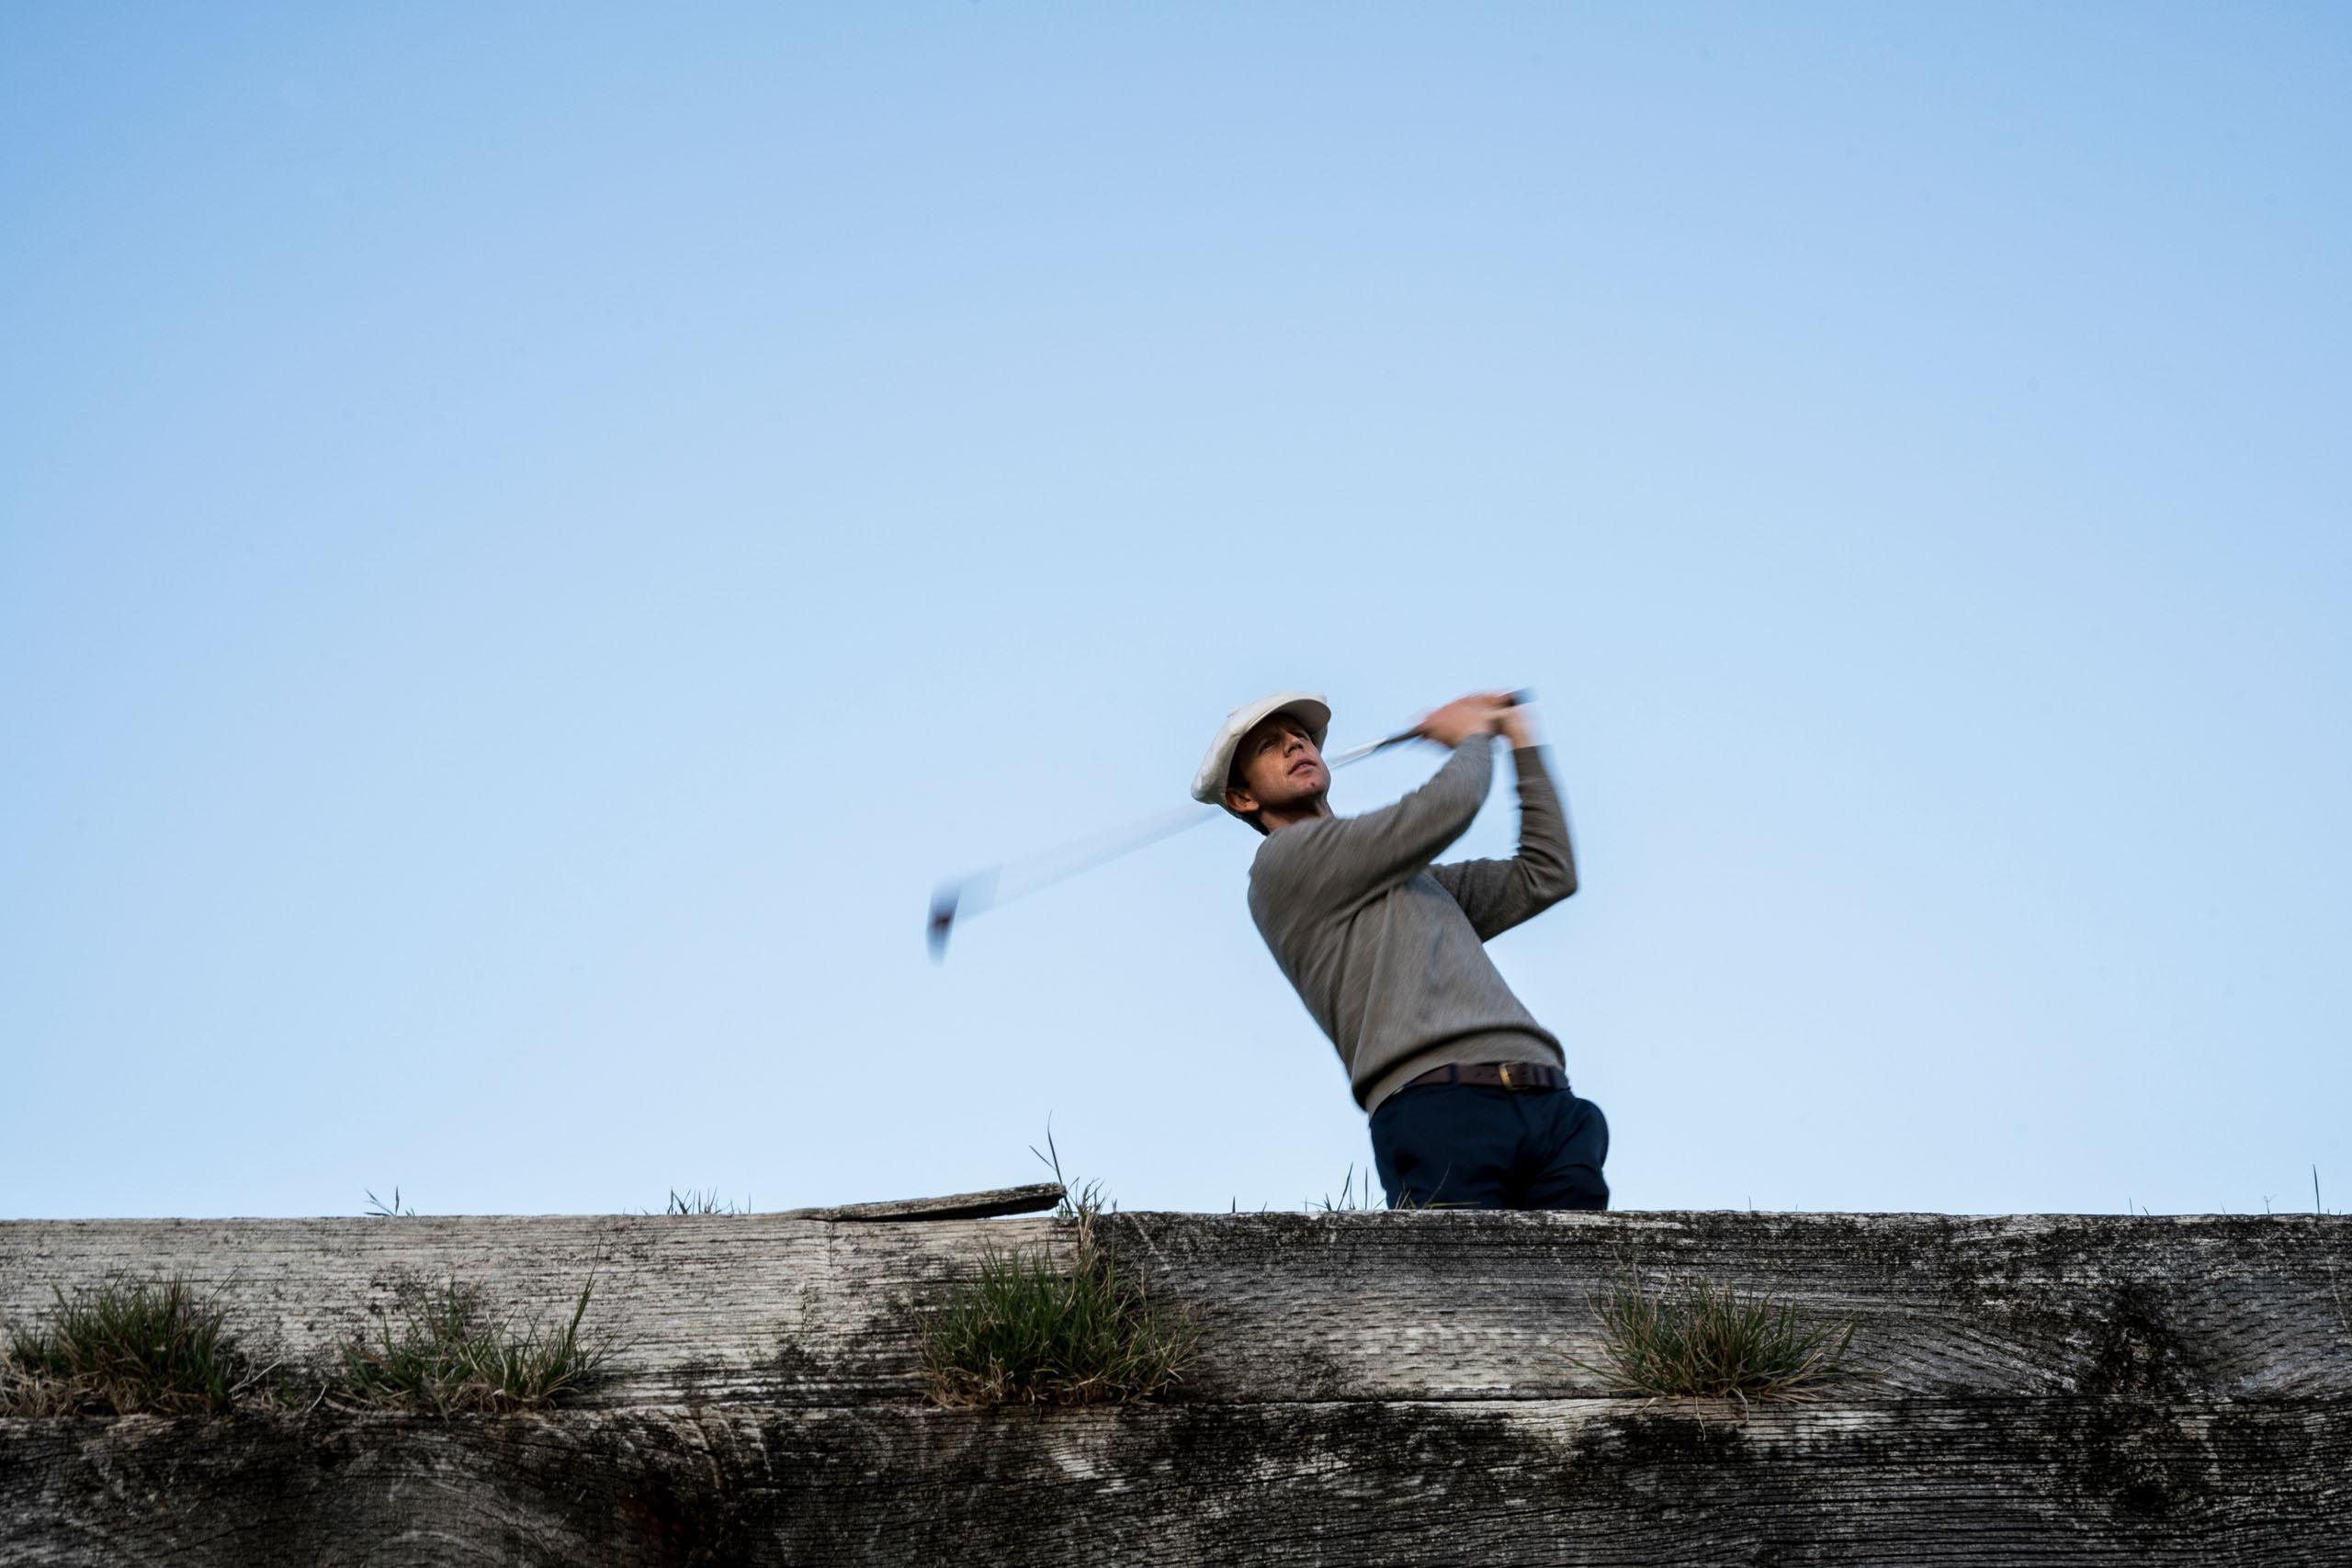 Golfer swinging a glub